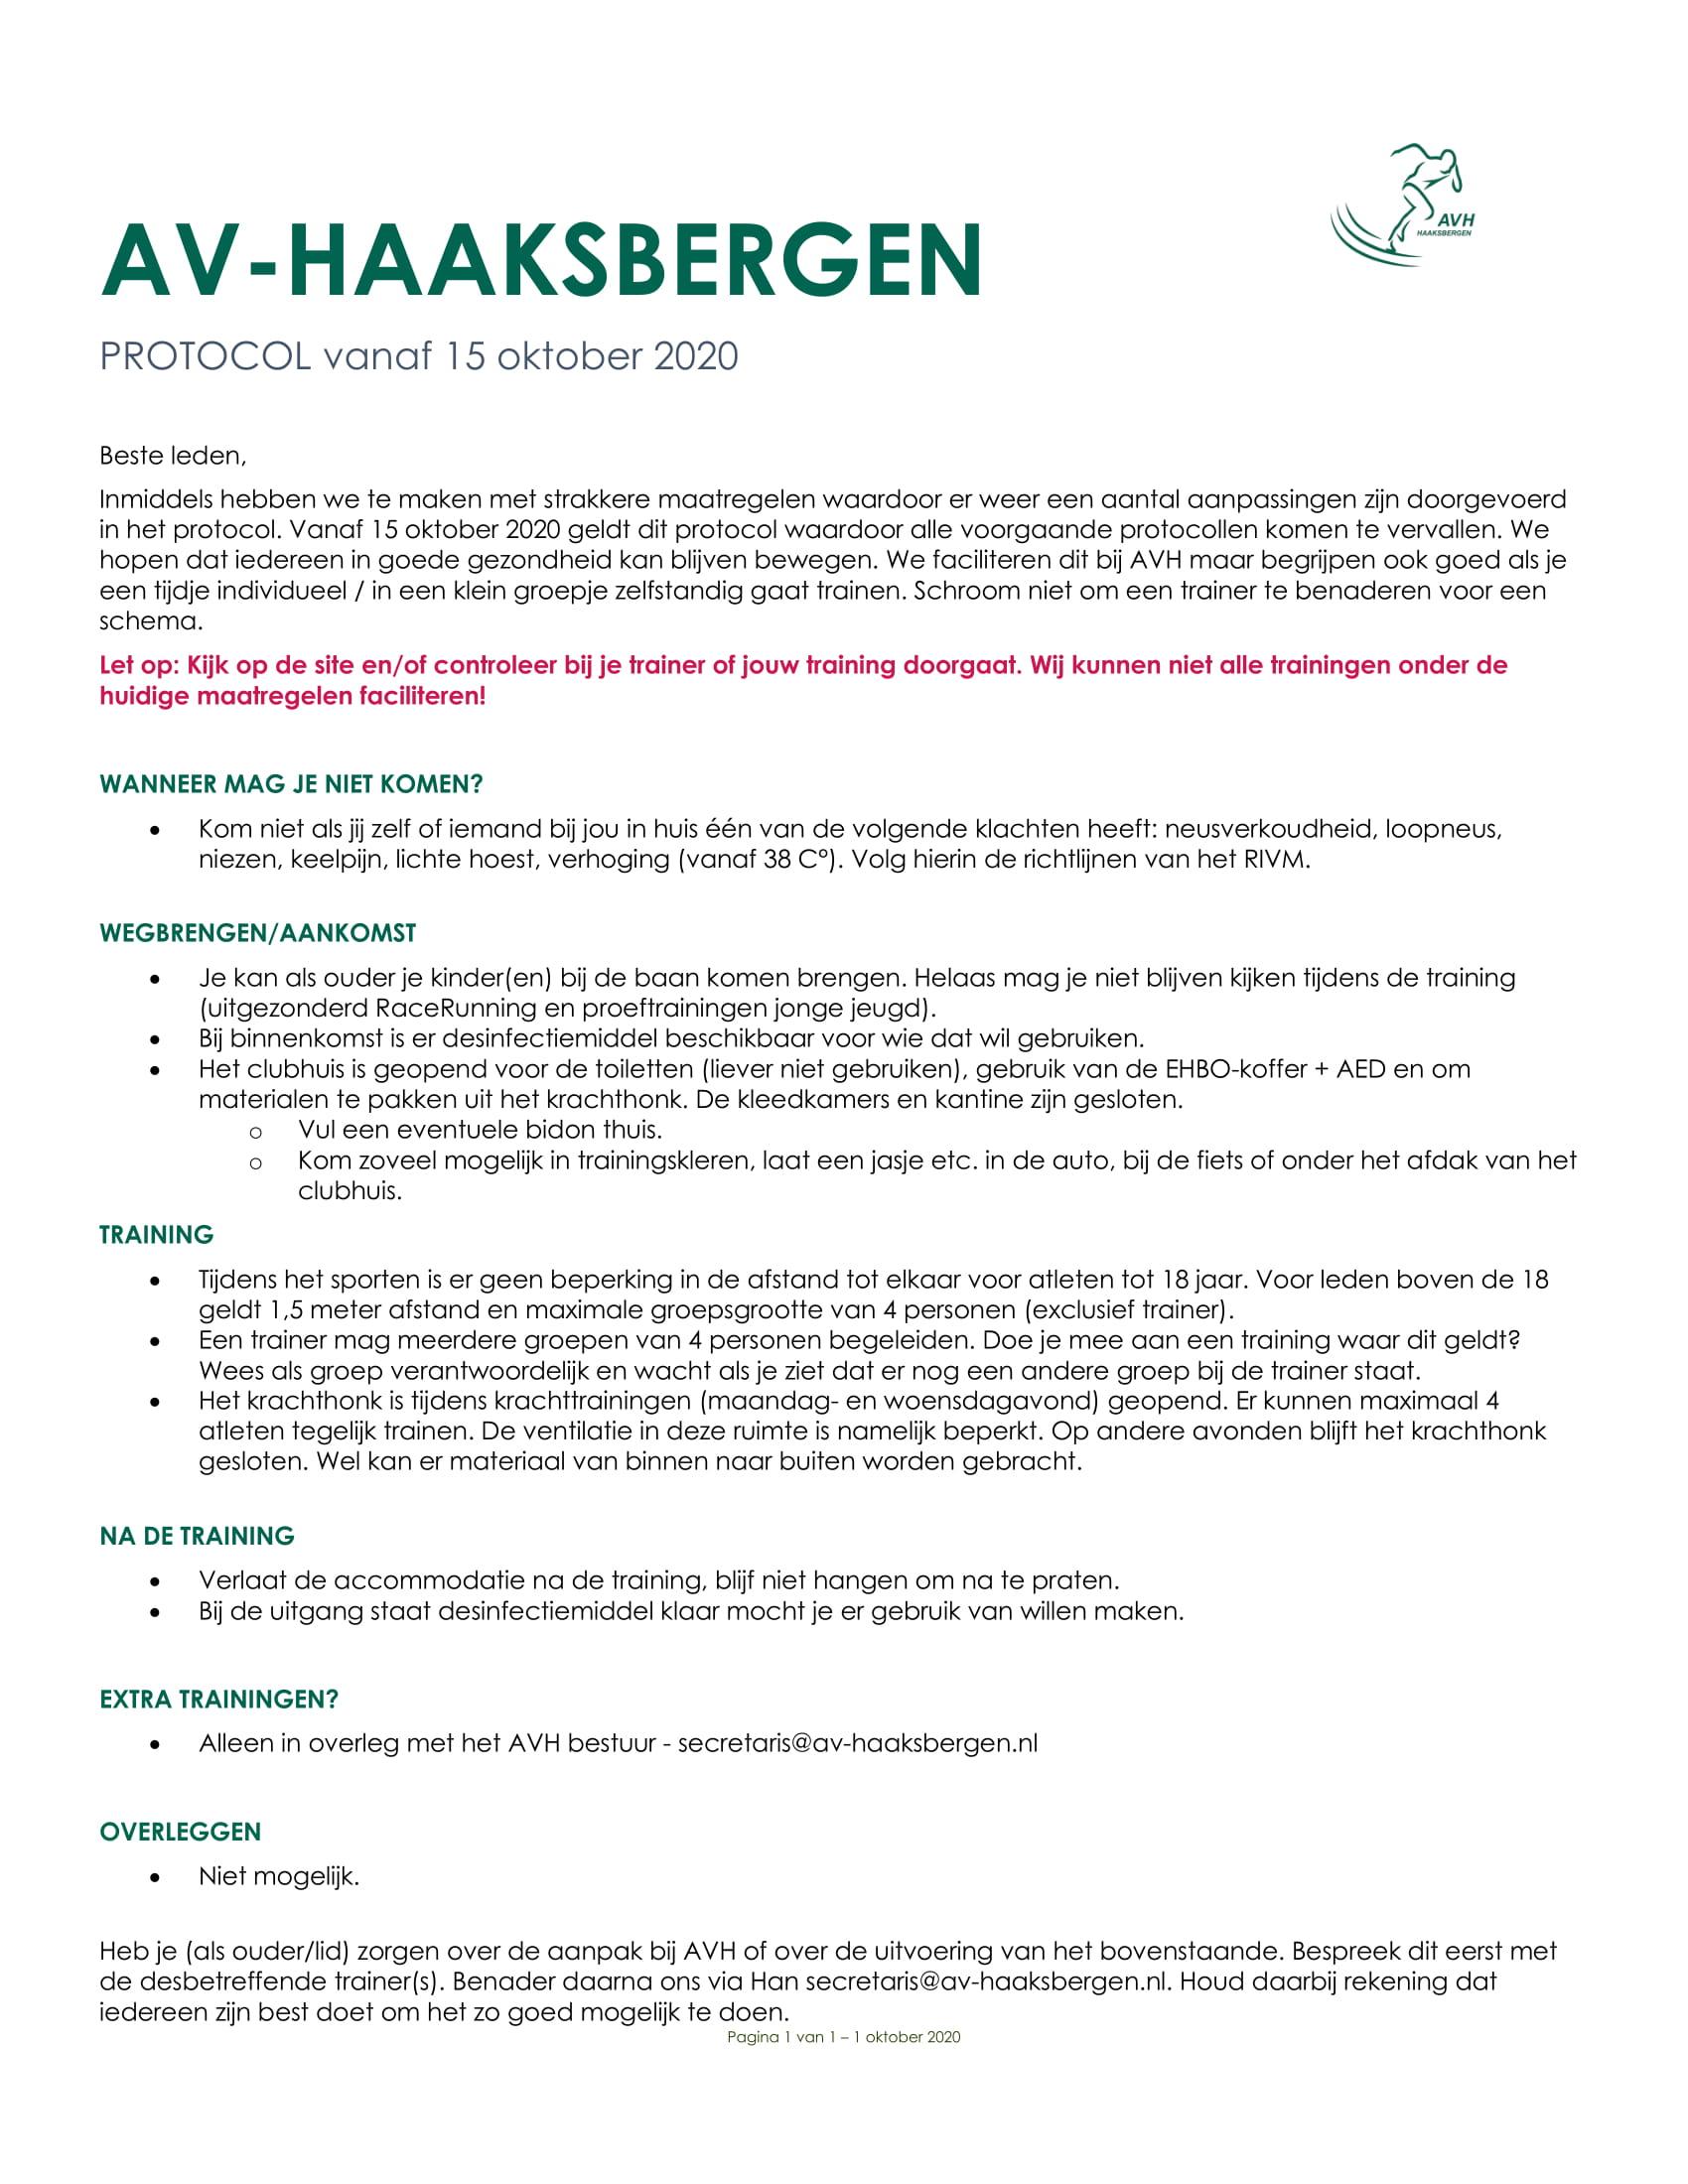 AVH Corona protocol per 15 oktober.